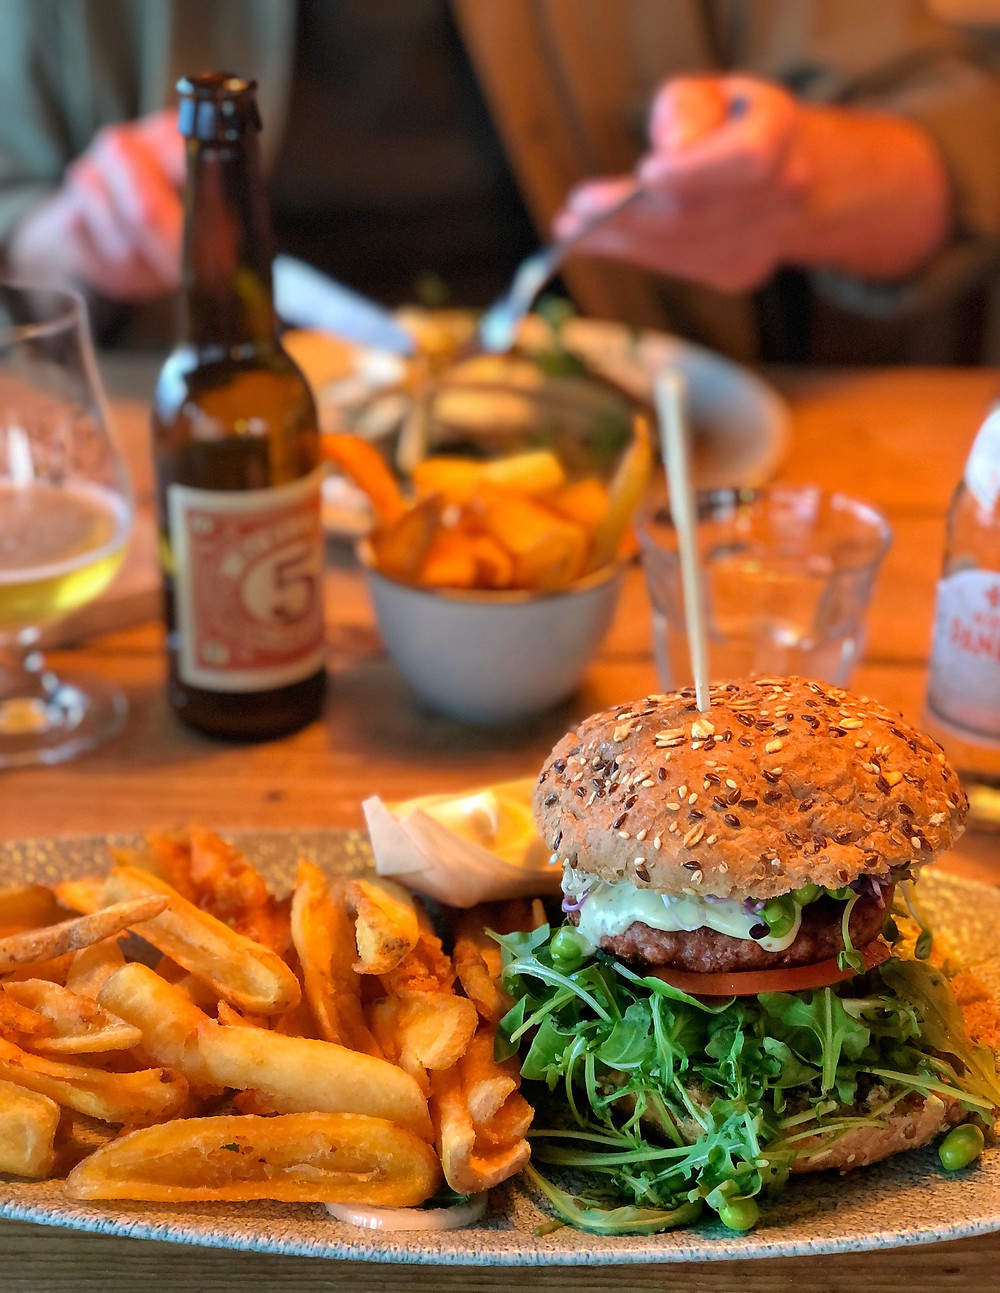 Vegan burger at Beach Bar 'West aan Zee' Terschelling